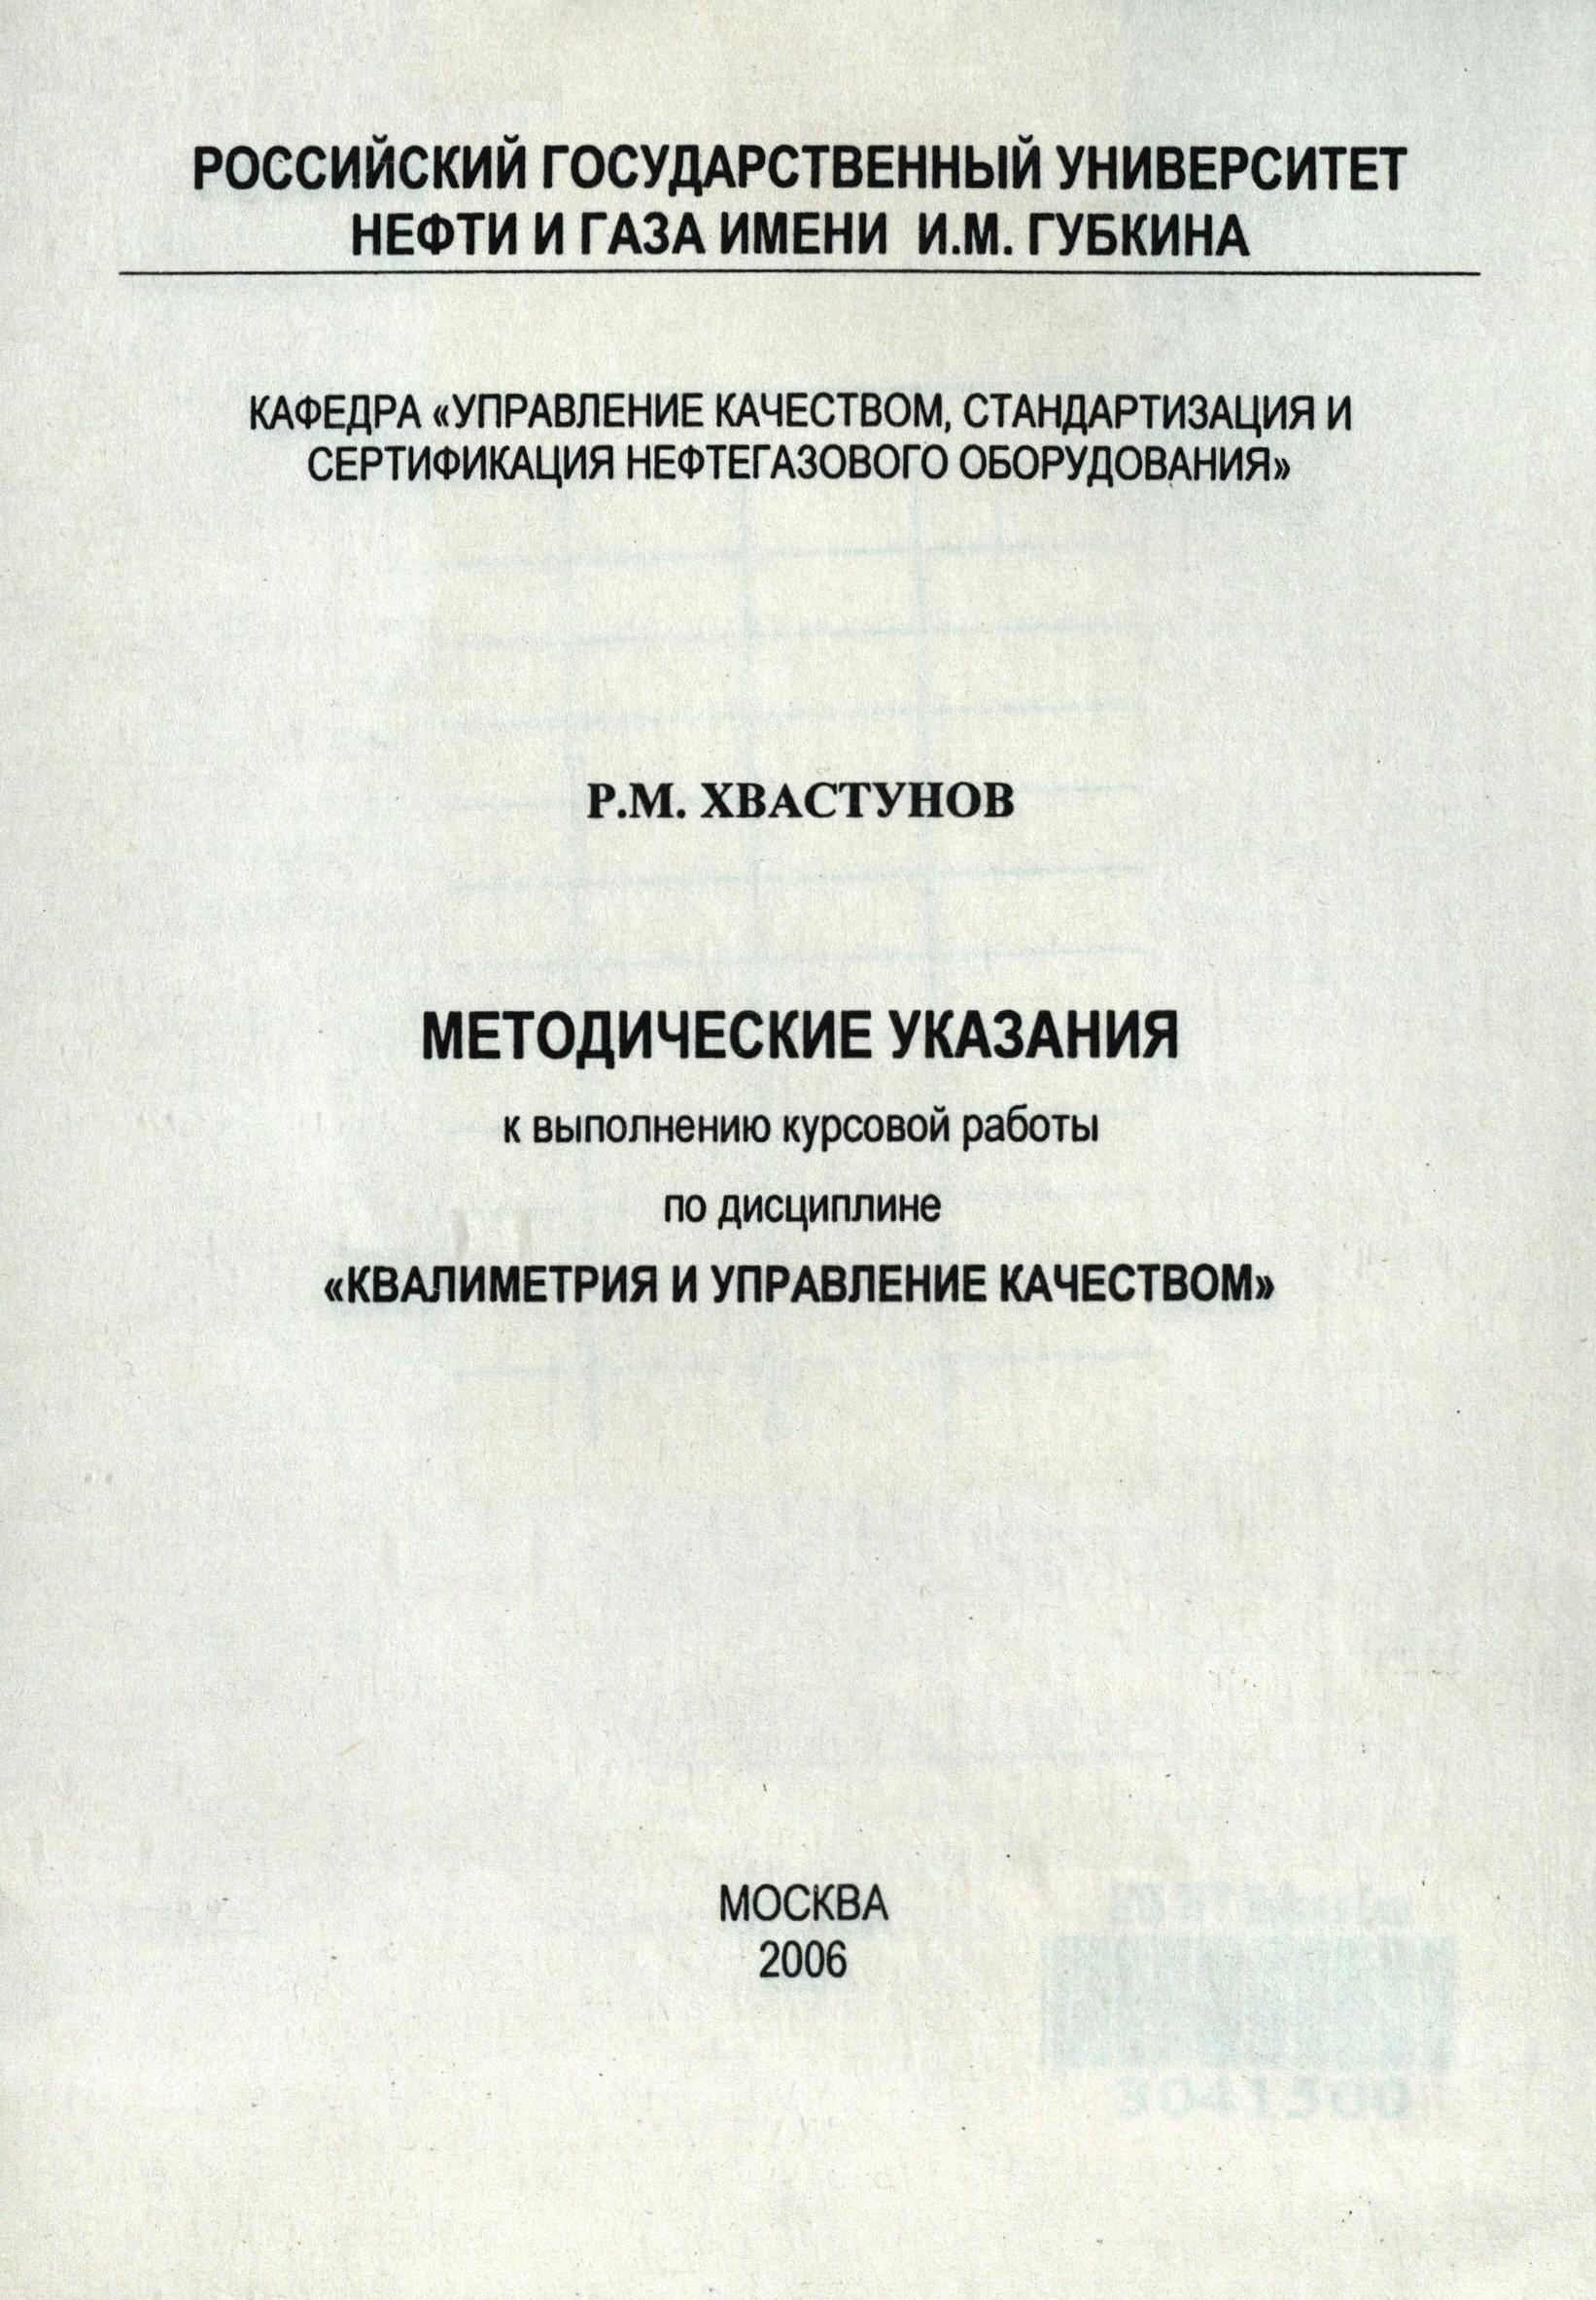 Методические указания к выполнению курсовой работы по дисциплине  Приведена подробная методика выполнения курсовой работы рекомендации по выполнению анализа научно технической литературы касающейся качества